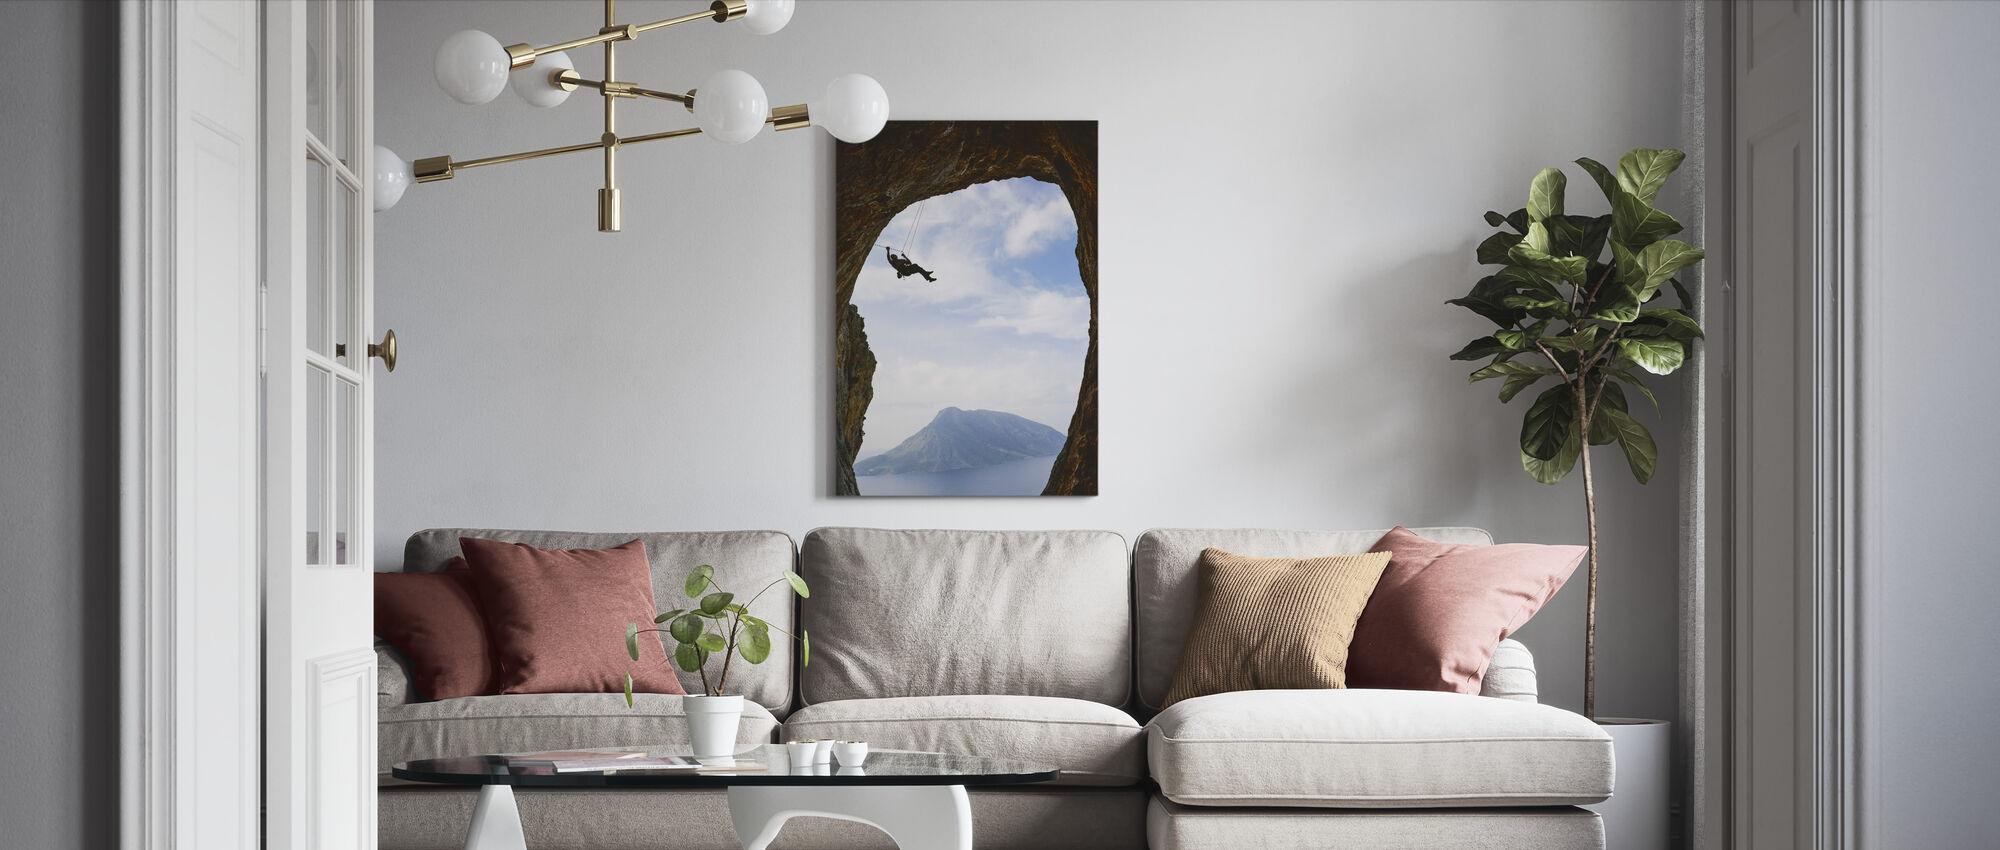 Vuorikiipeily - Canvastaulu - Olohuone